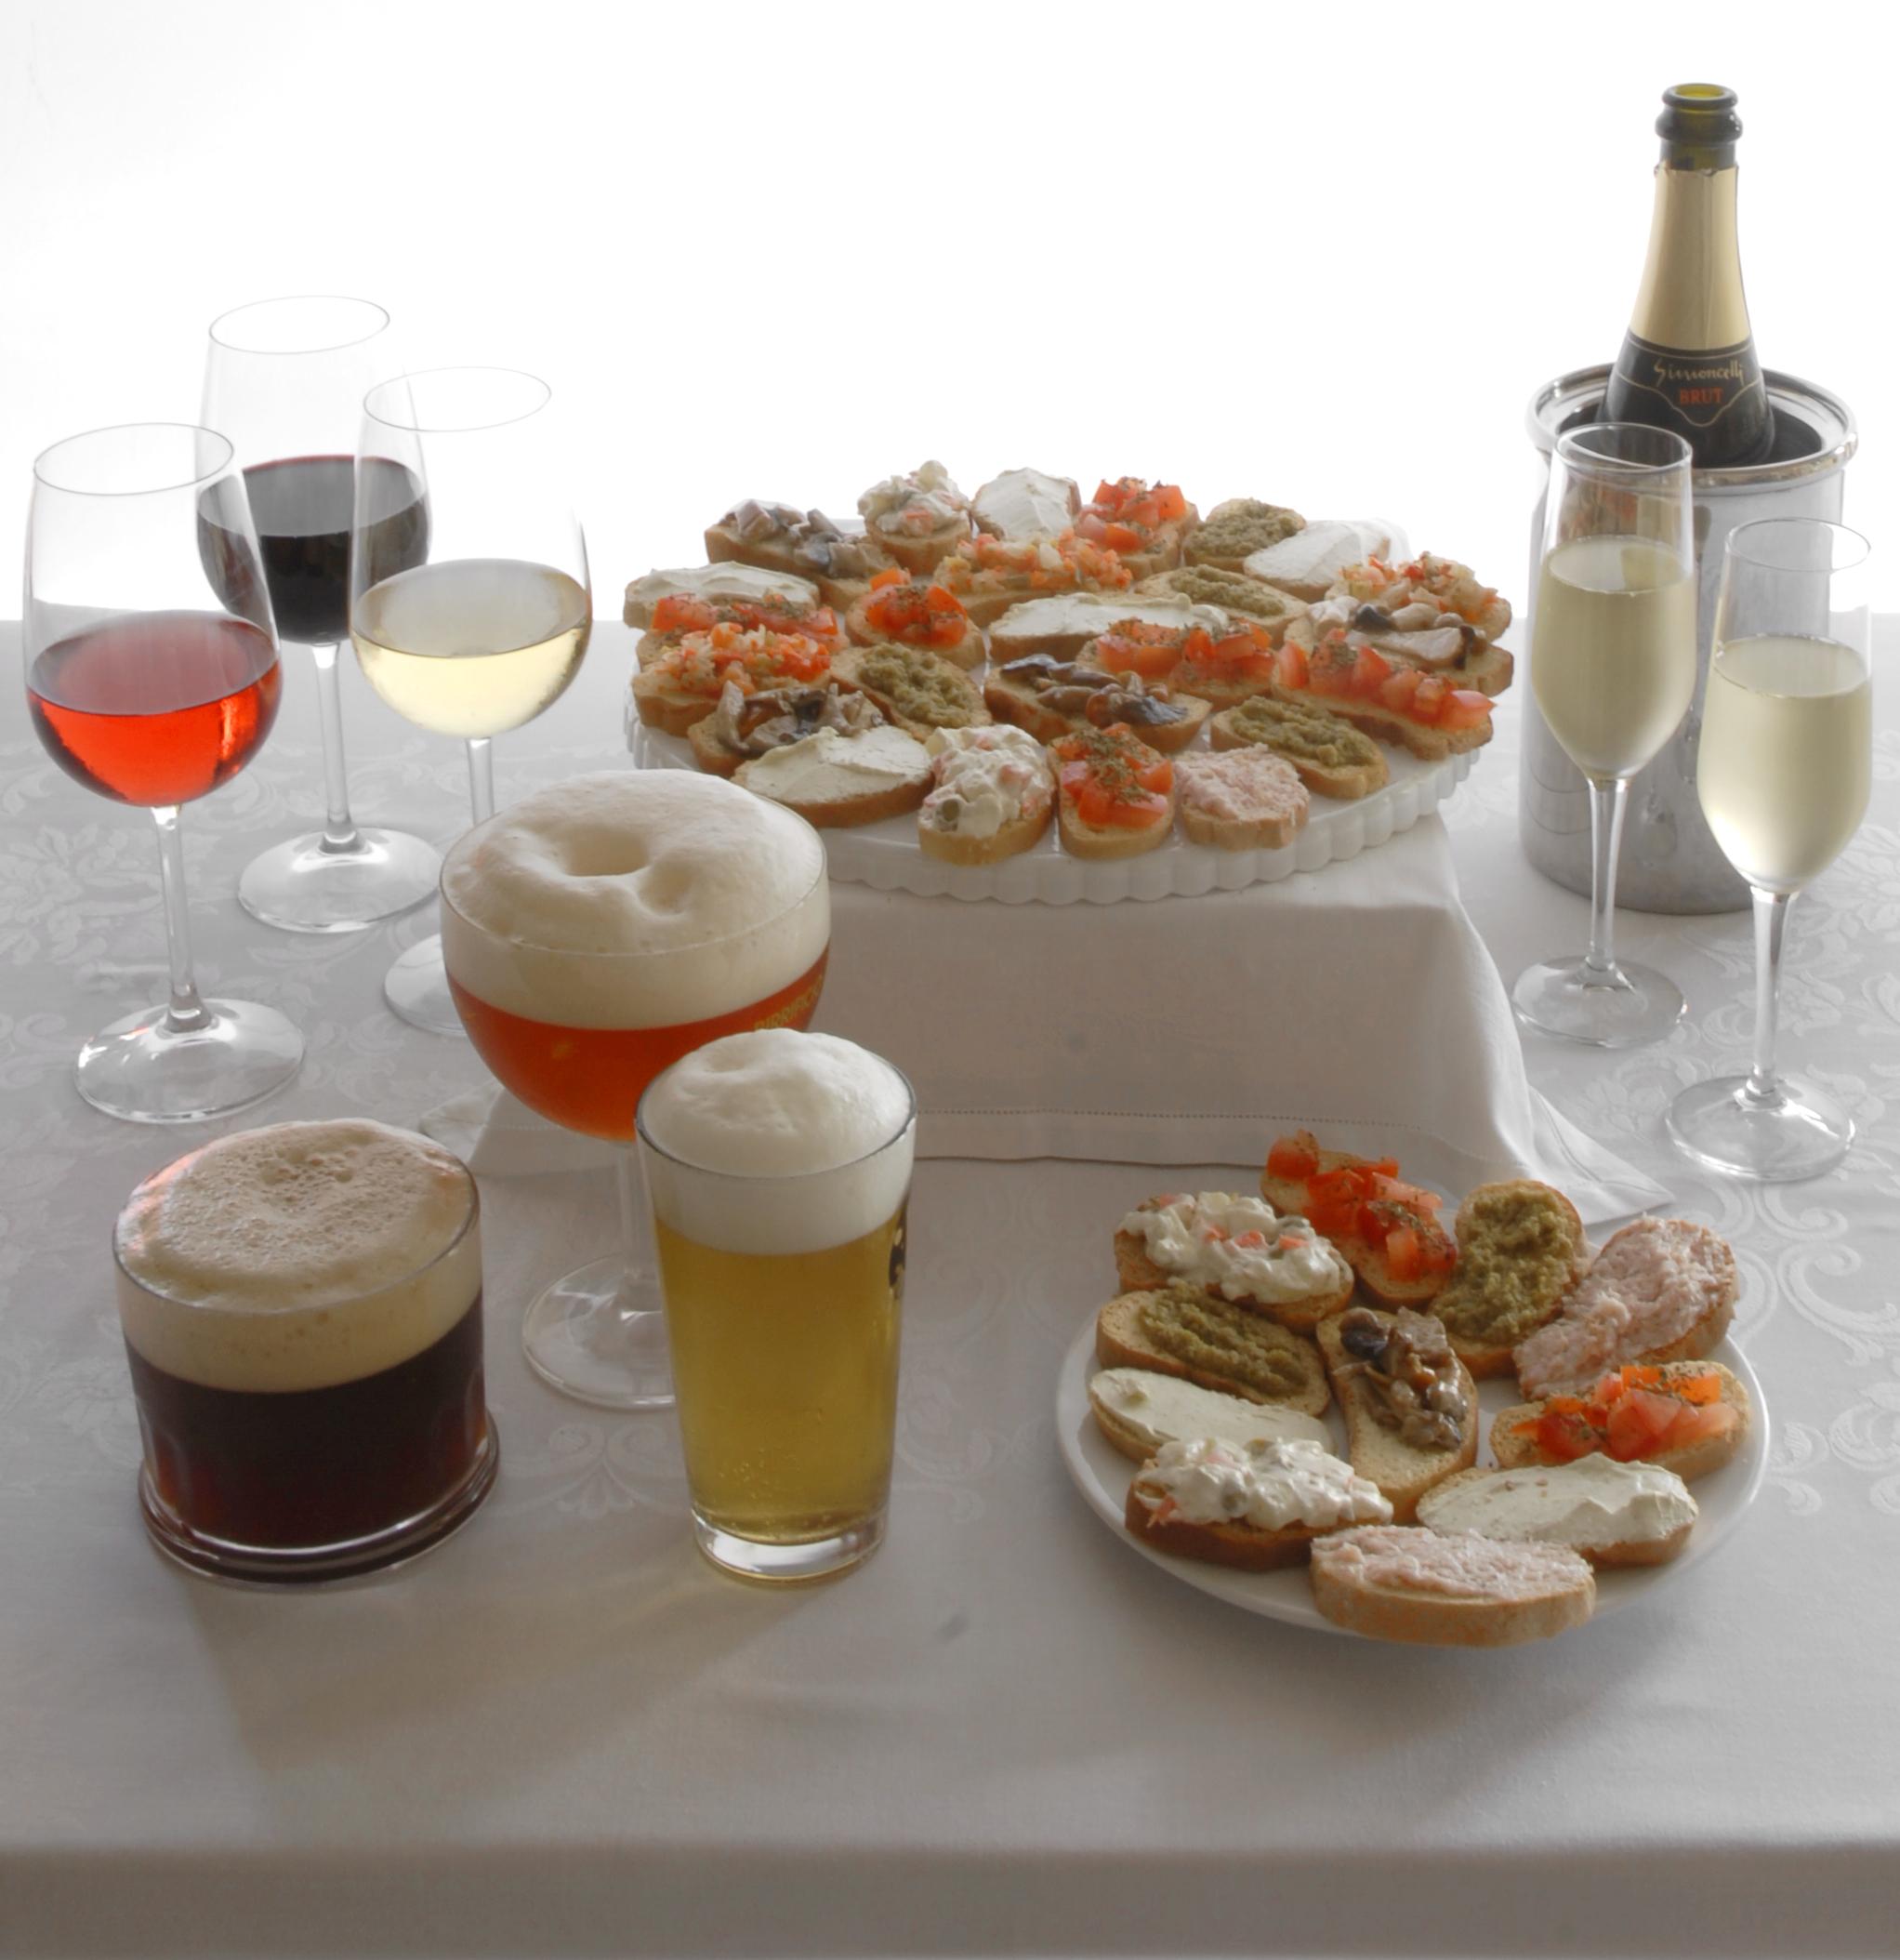 La Papperia prodotti tipici Alzate Brianza ( COMO )aperitivo vino birra artigianale km 0 tartine crostini